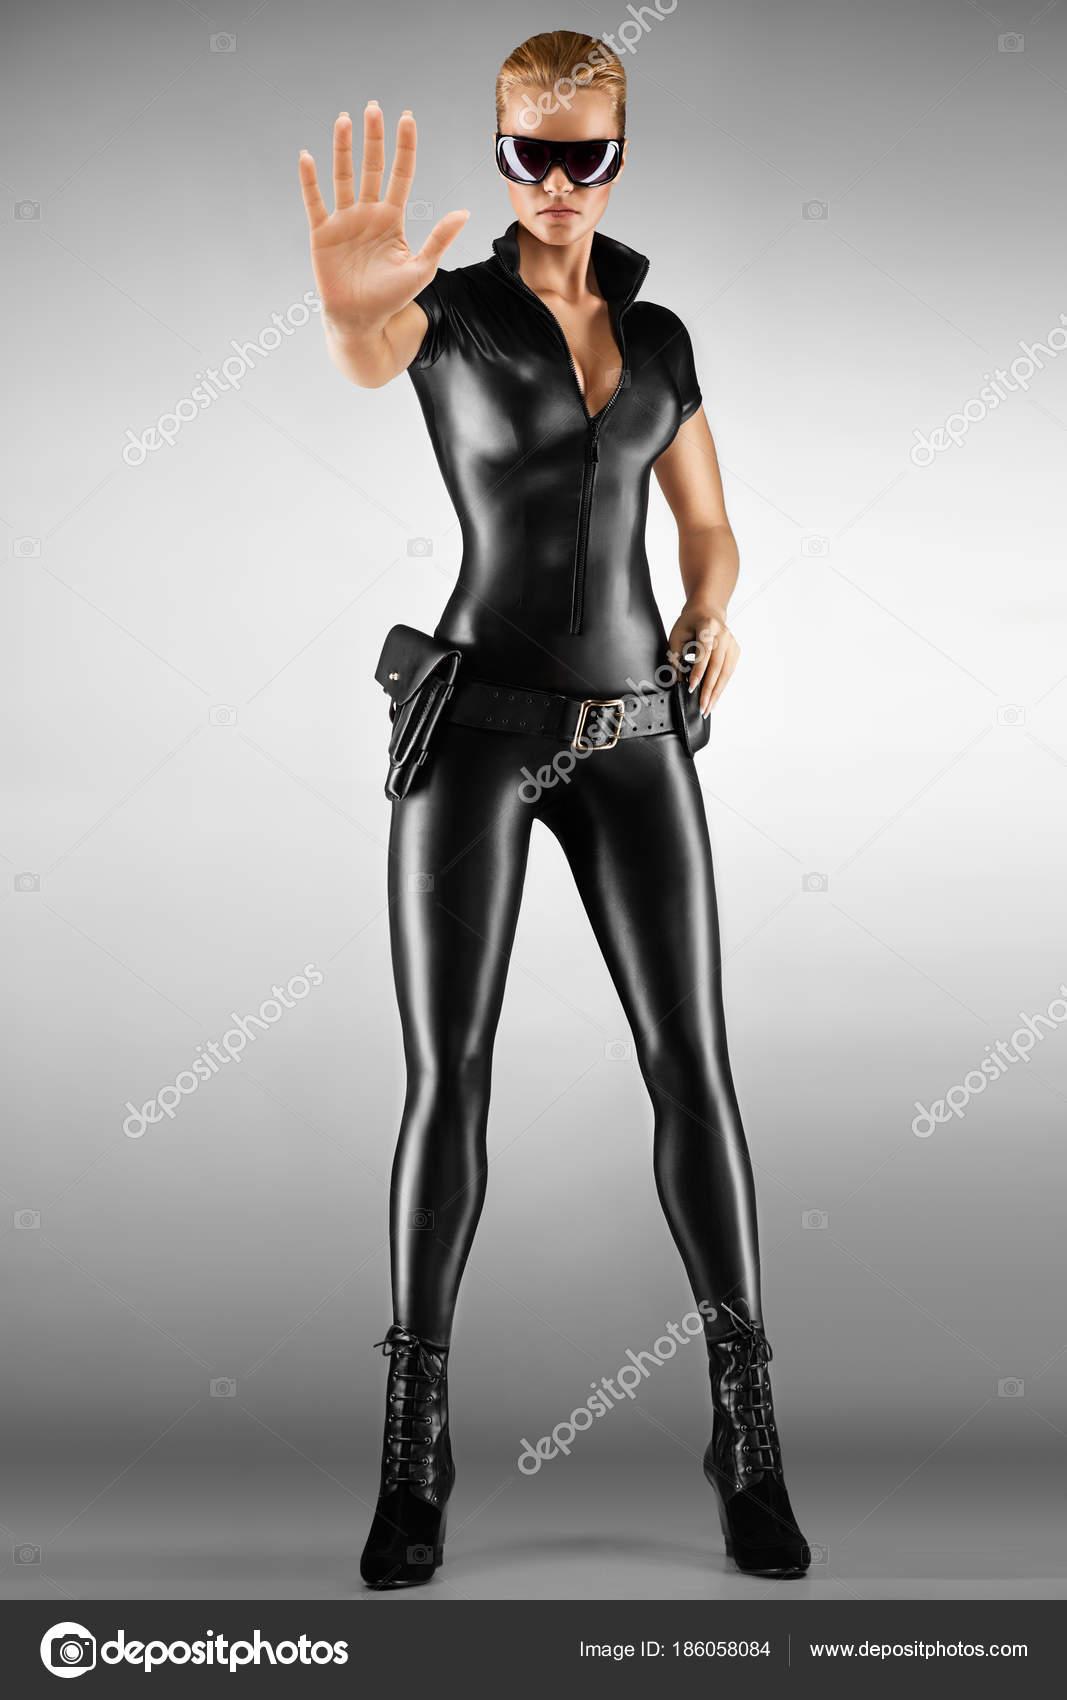 23b067bdb2fc Guarda Segurança Feminina Com Roupa Apertada Preta Sexy Com Pistola —  Fotografia de Stock